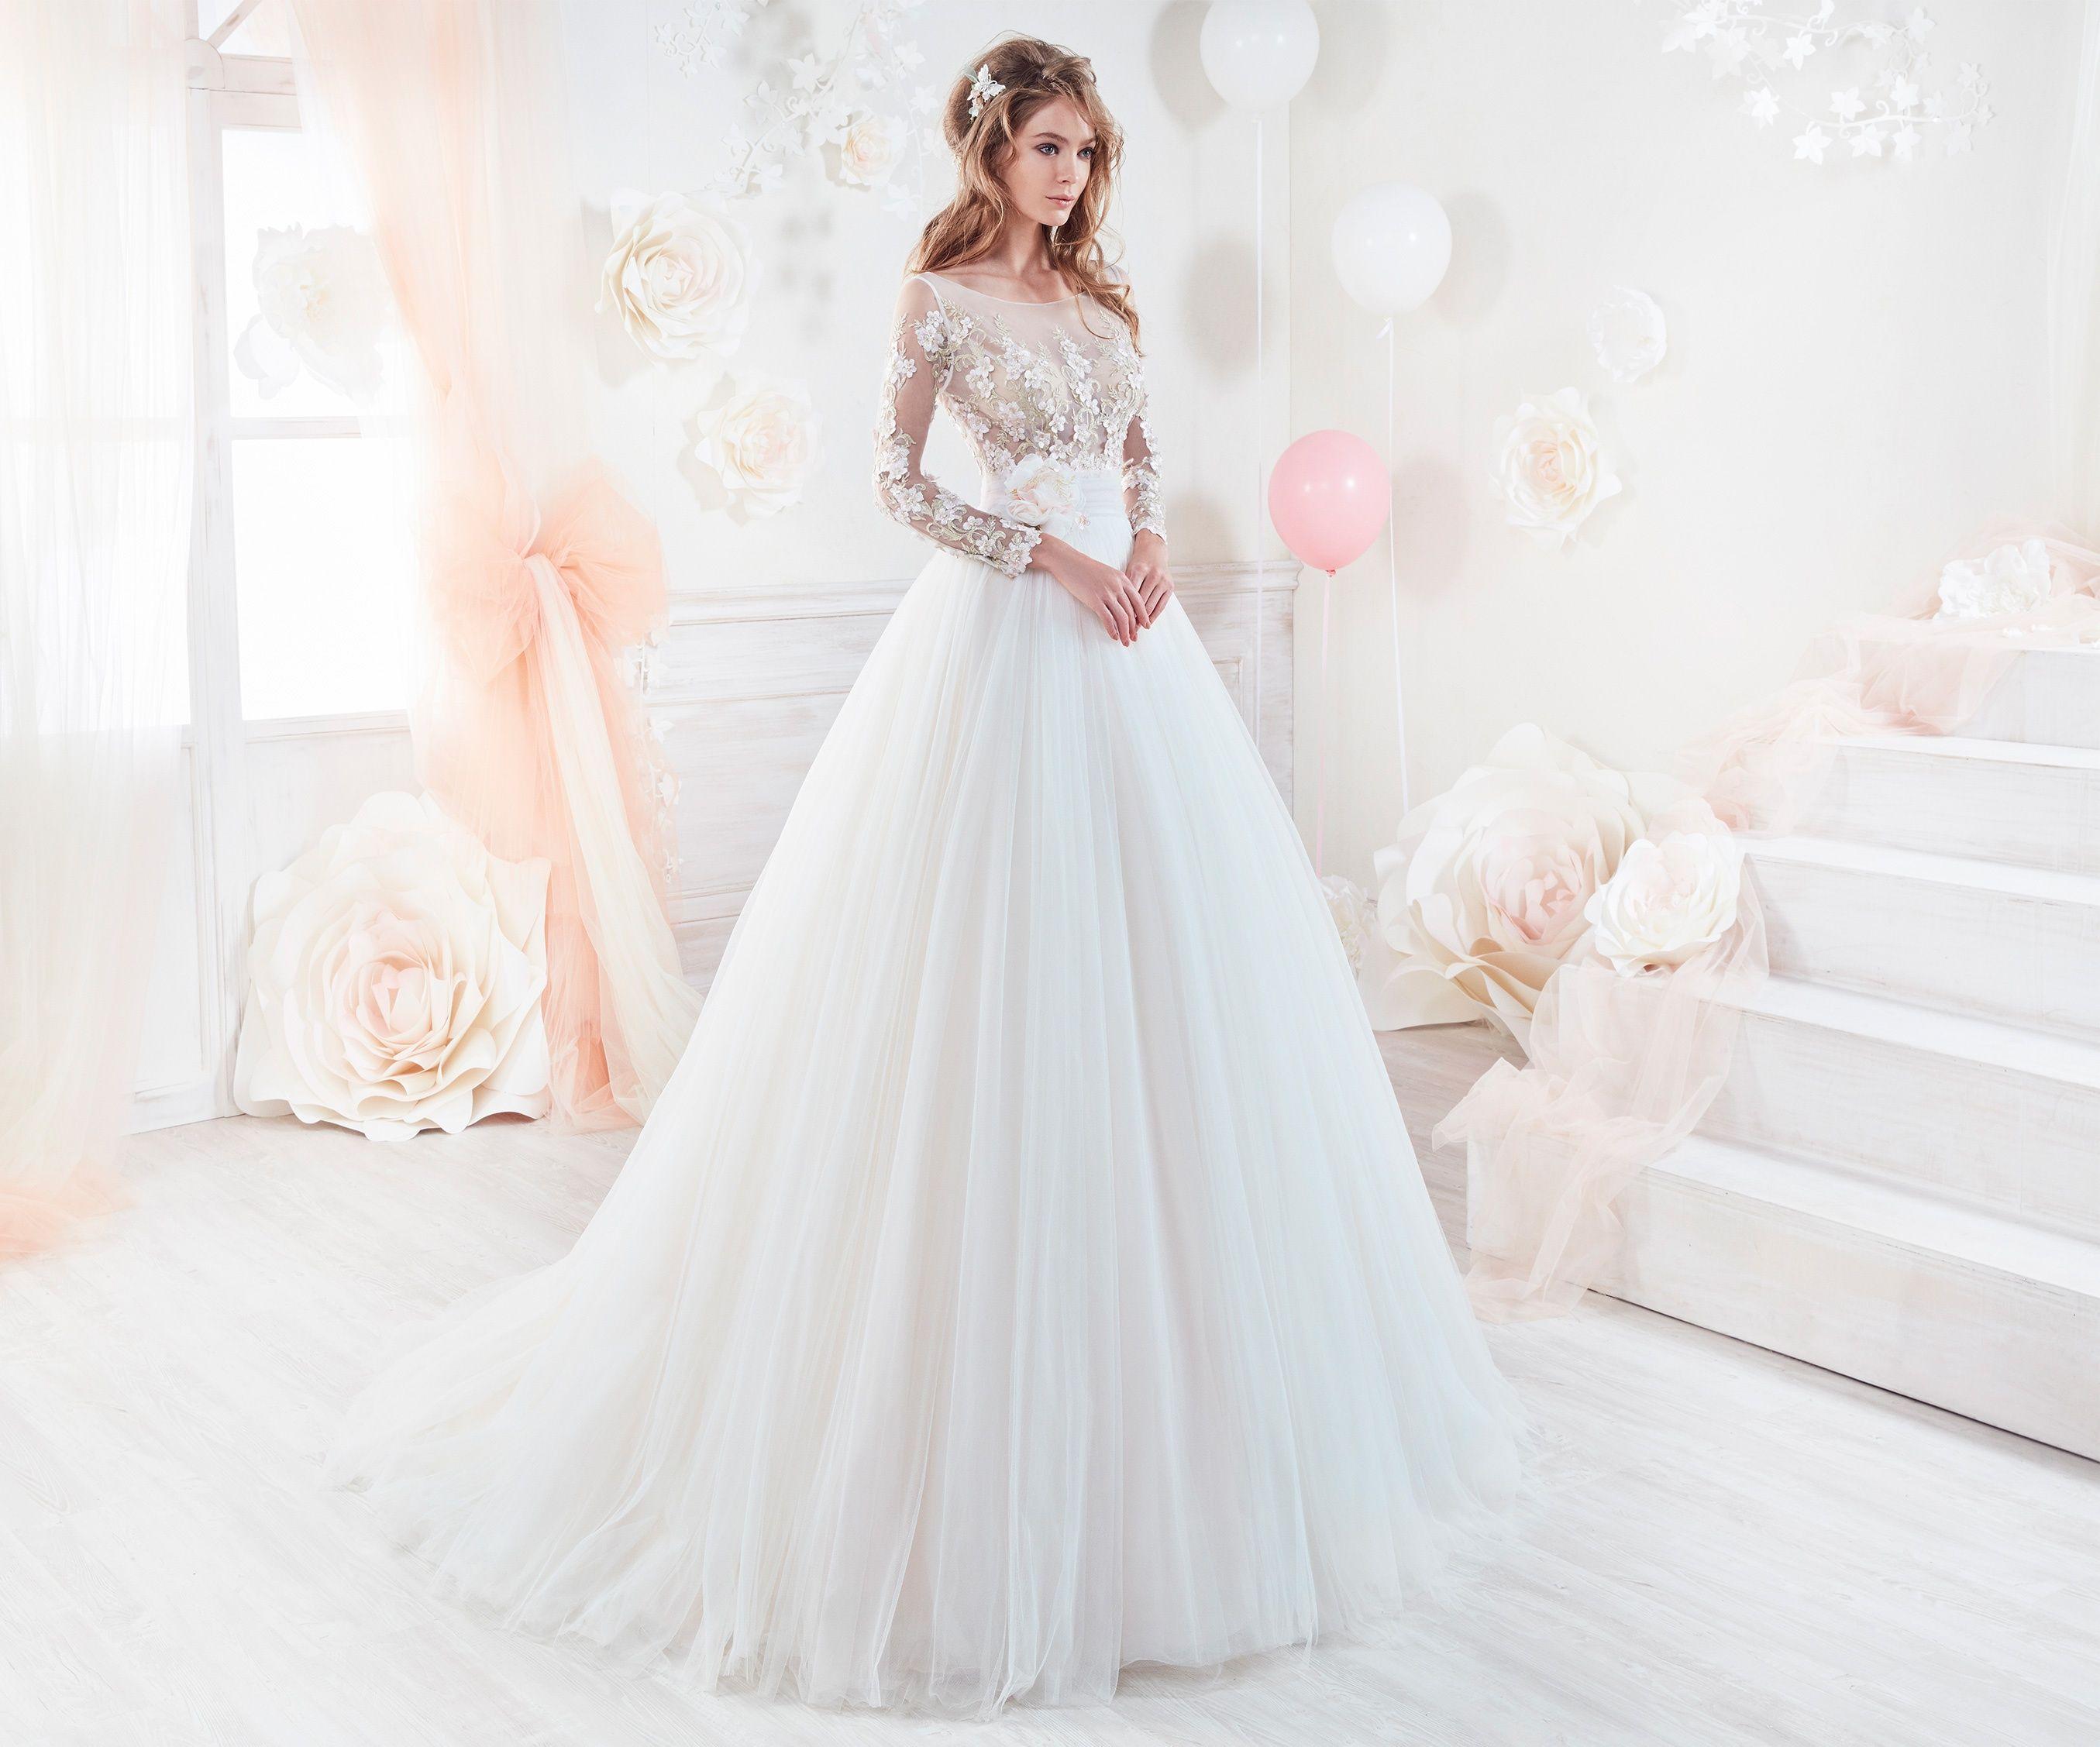 0881af23318a7 Moda sposa 2018 - Collezione COLET. COAB18232. Abito da sposa Nicole ...